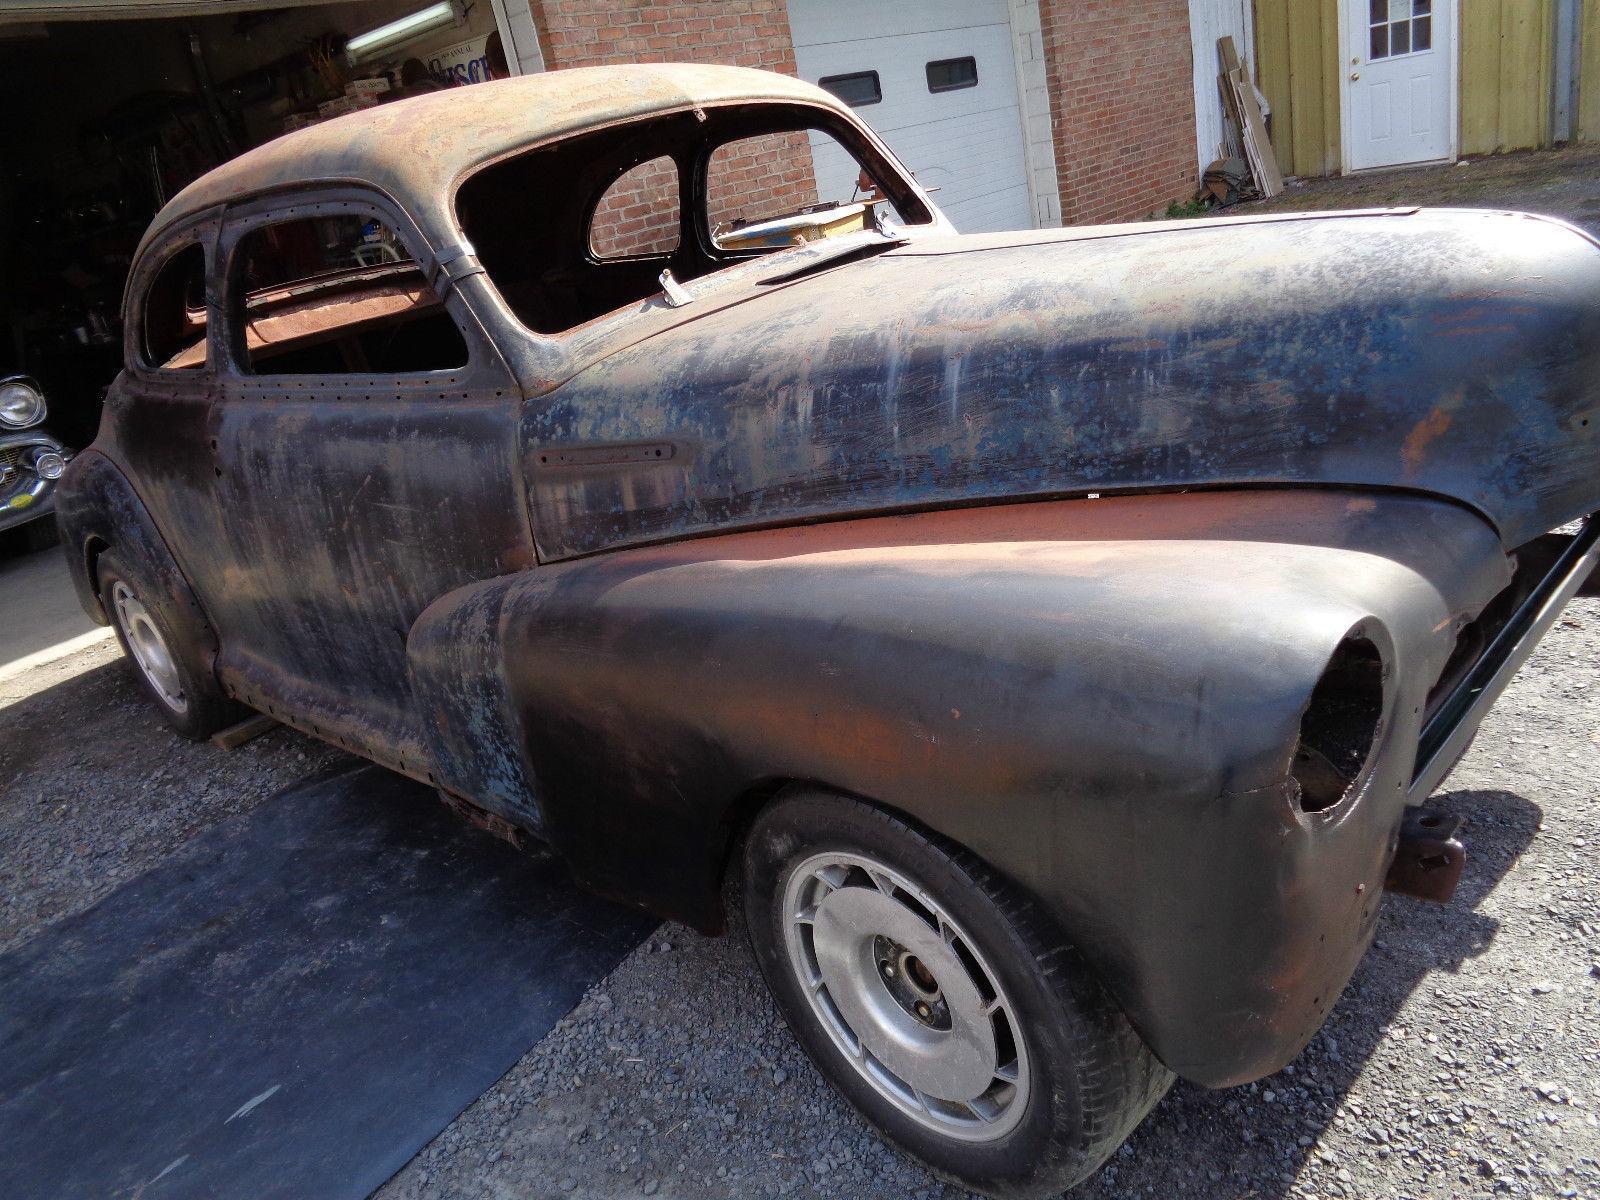 1948 Chevrolet Fleet Master 2 Door Coupe Rat Rod Project